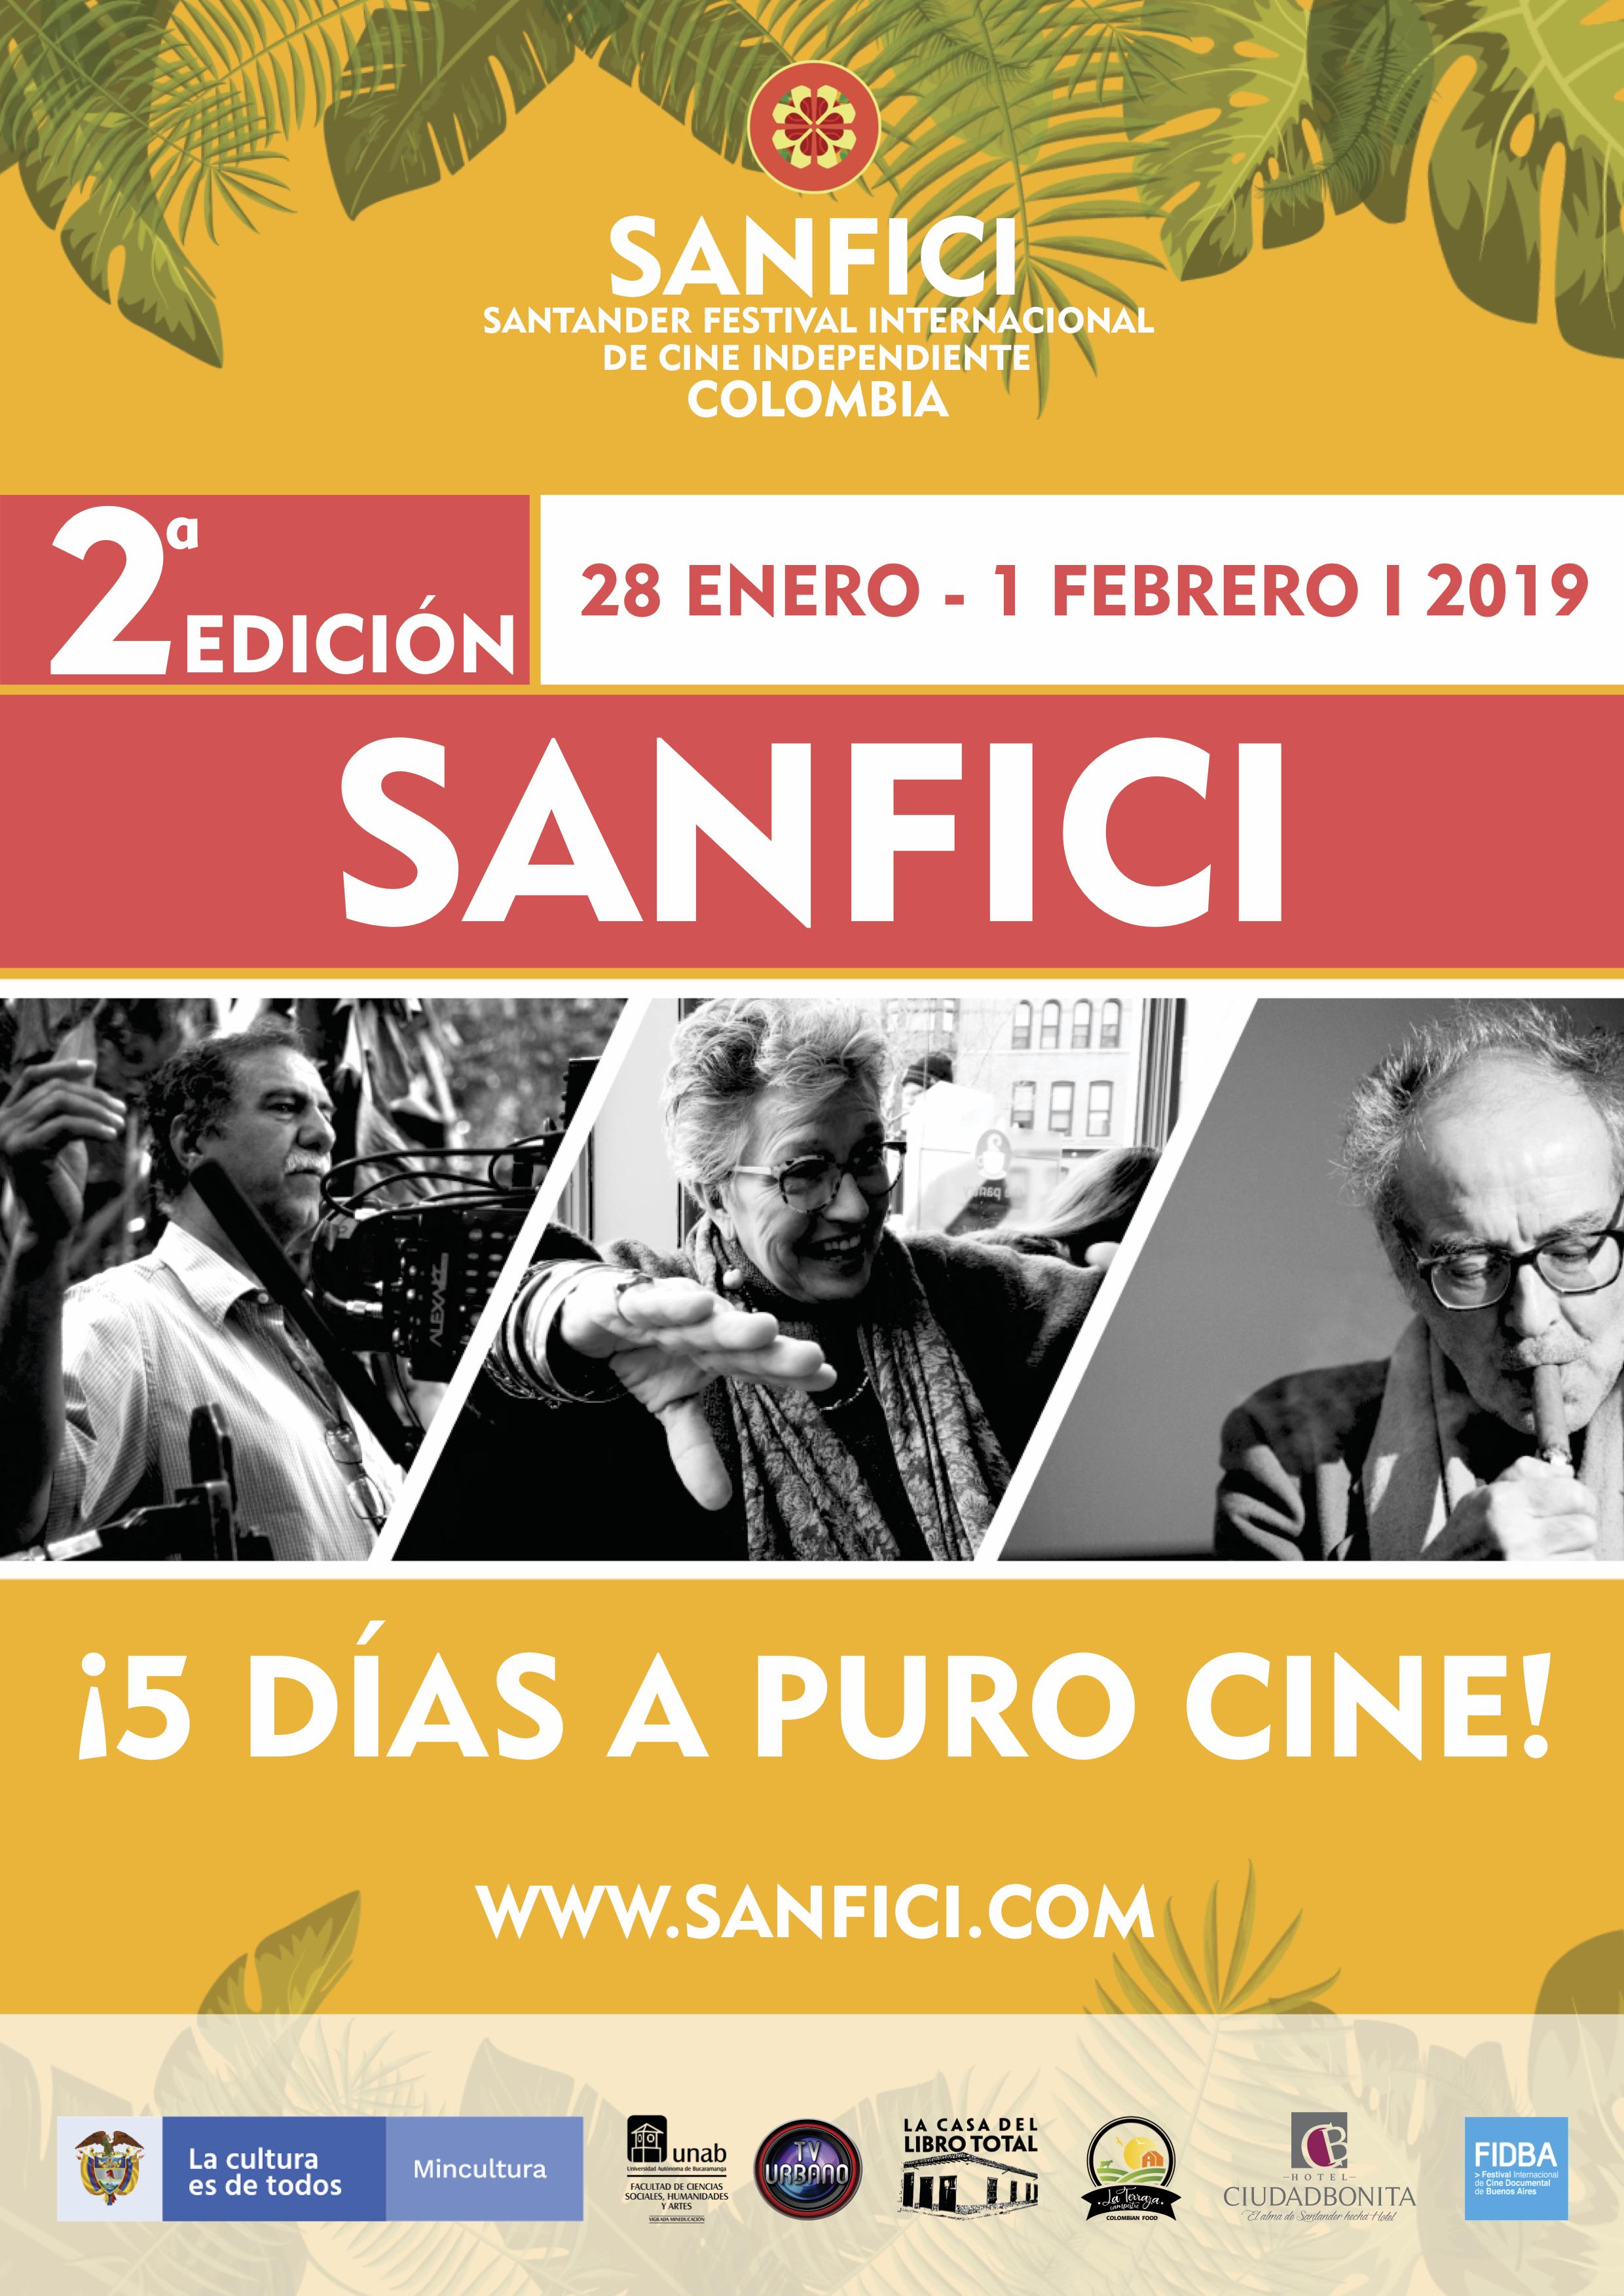 SANFICI / Afiche Oficial 2019